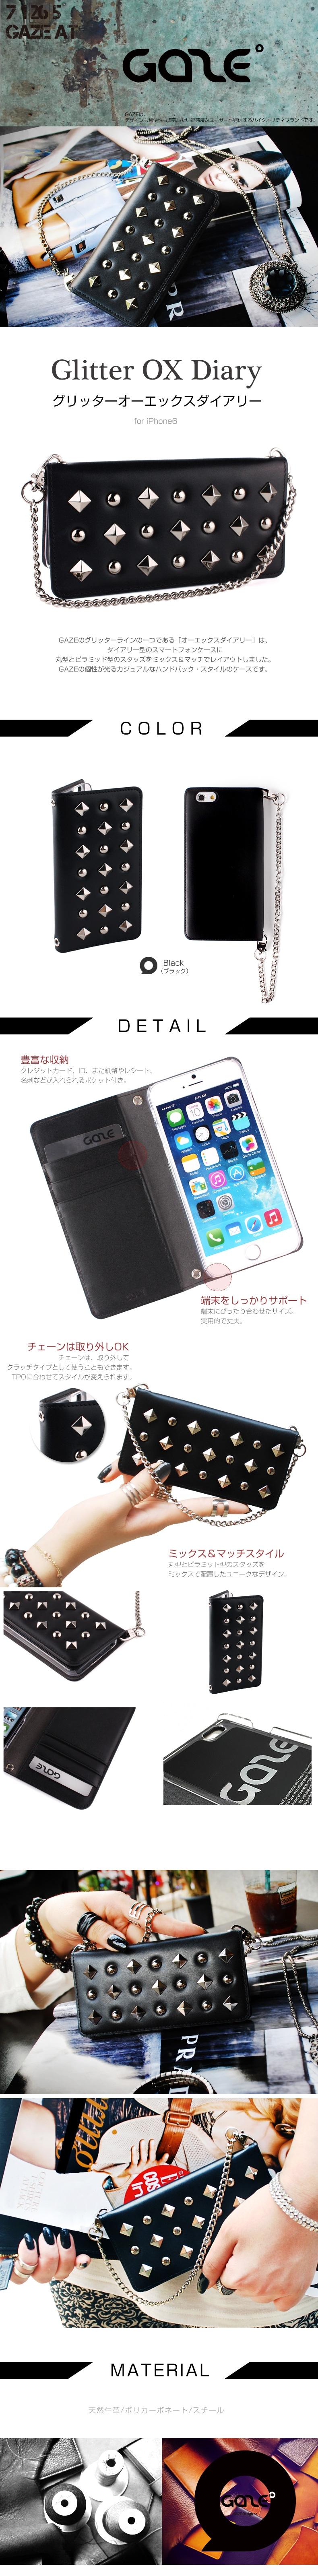 商品詳細GAZE Glitter OX Diary(グリッターオーエックスダイアリー)